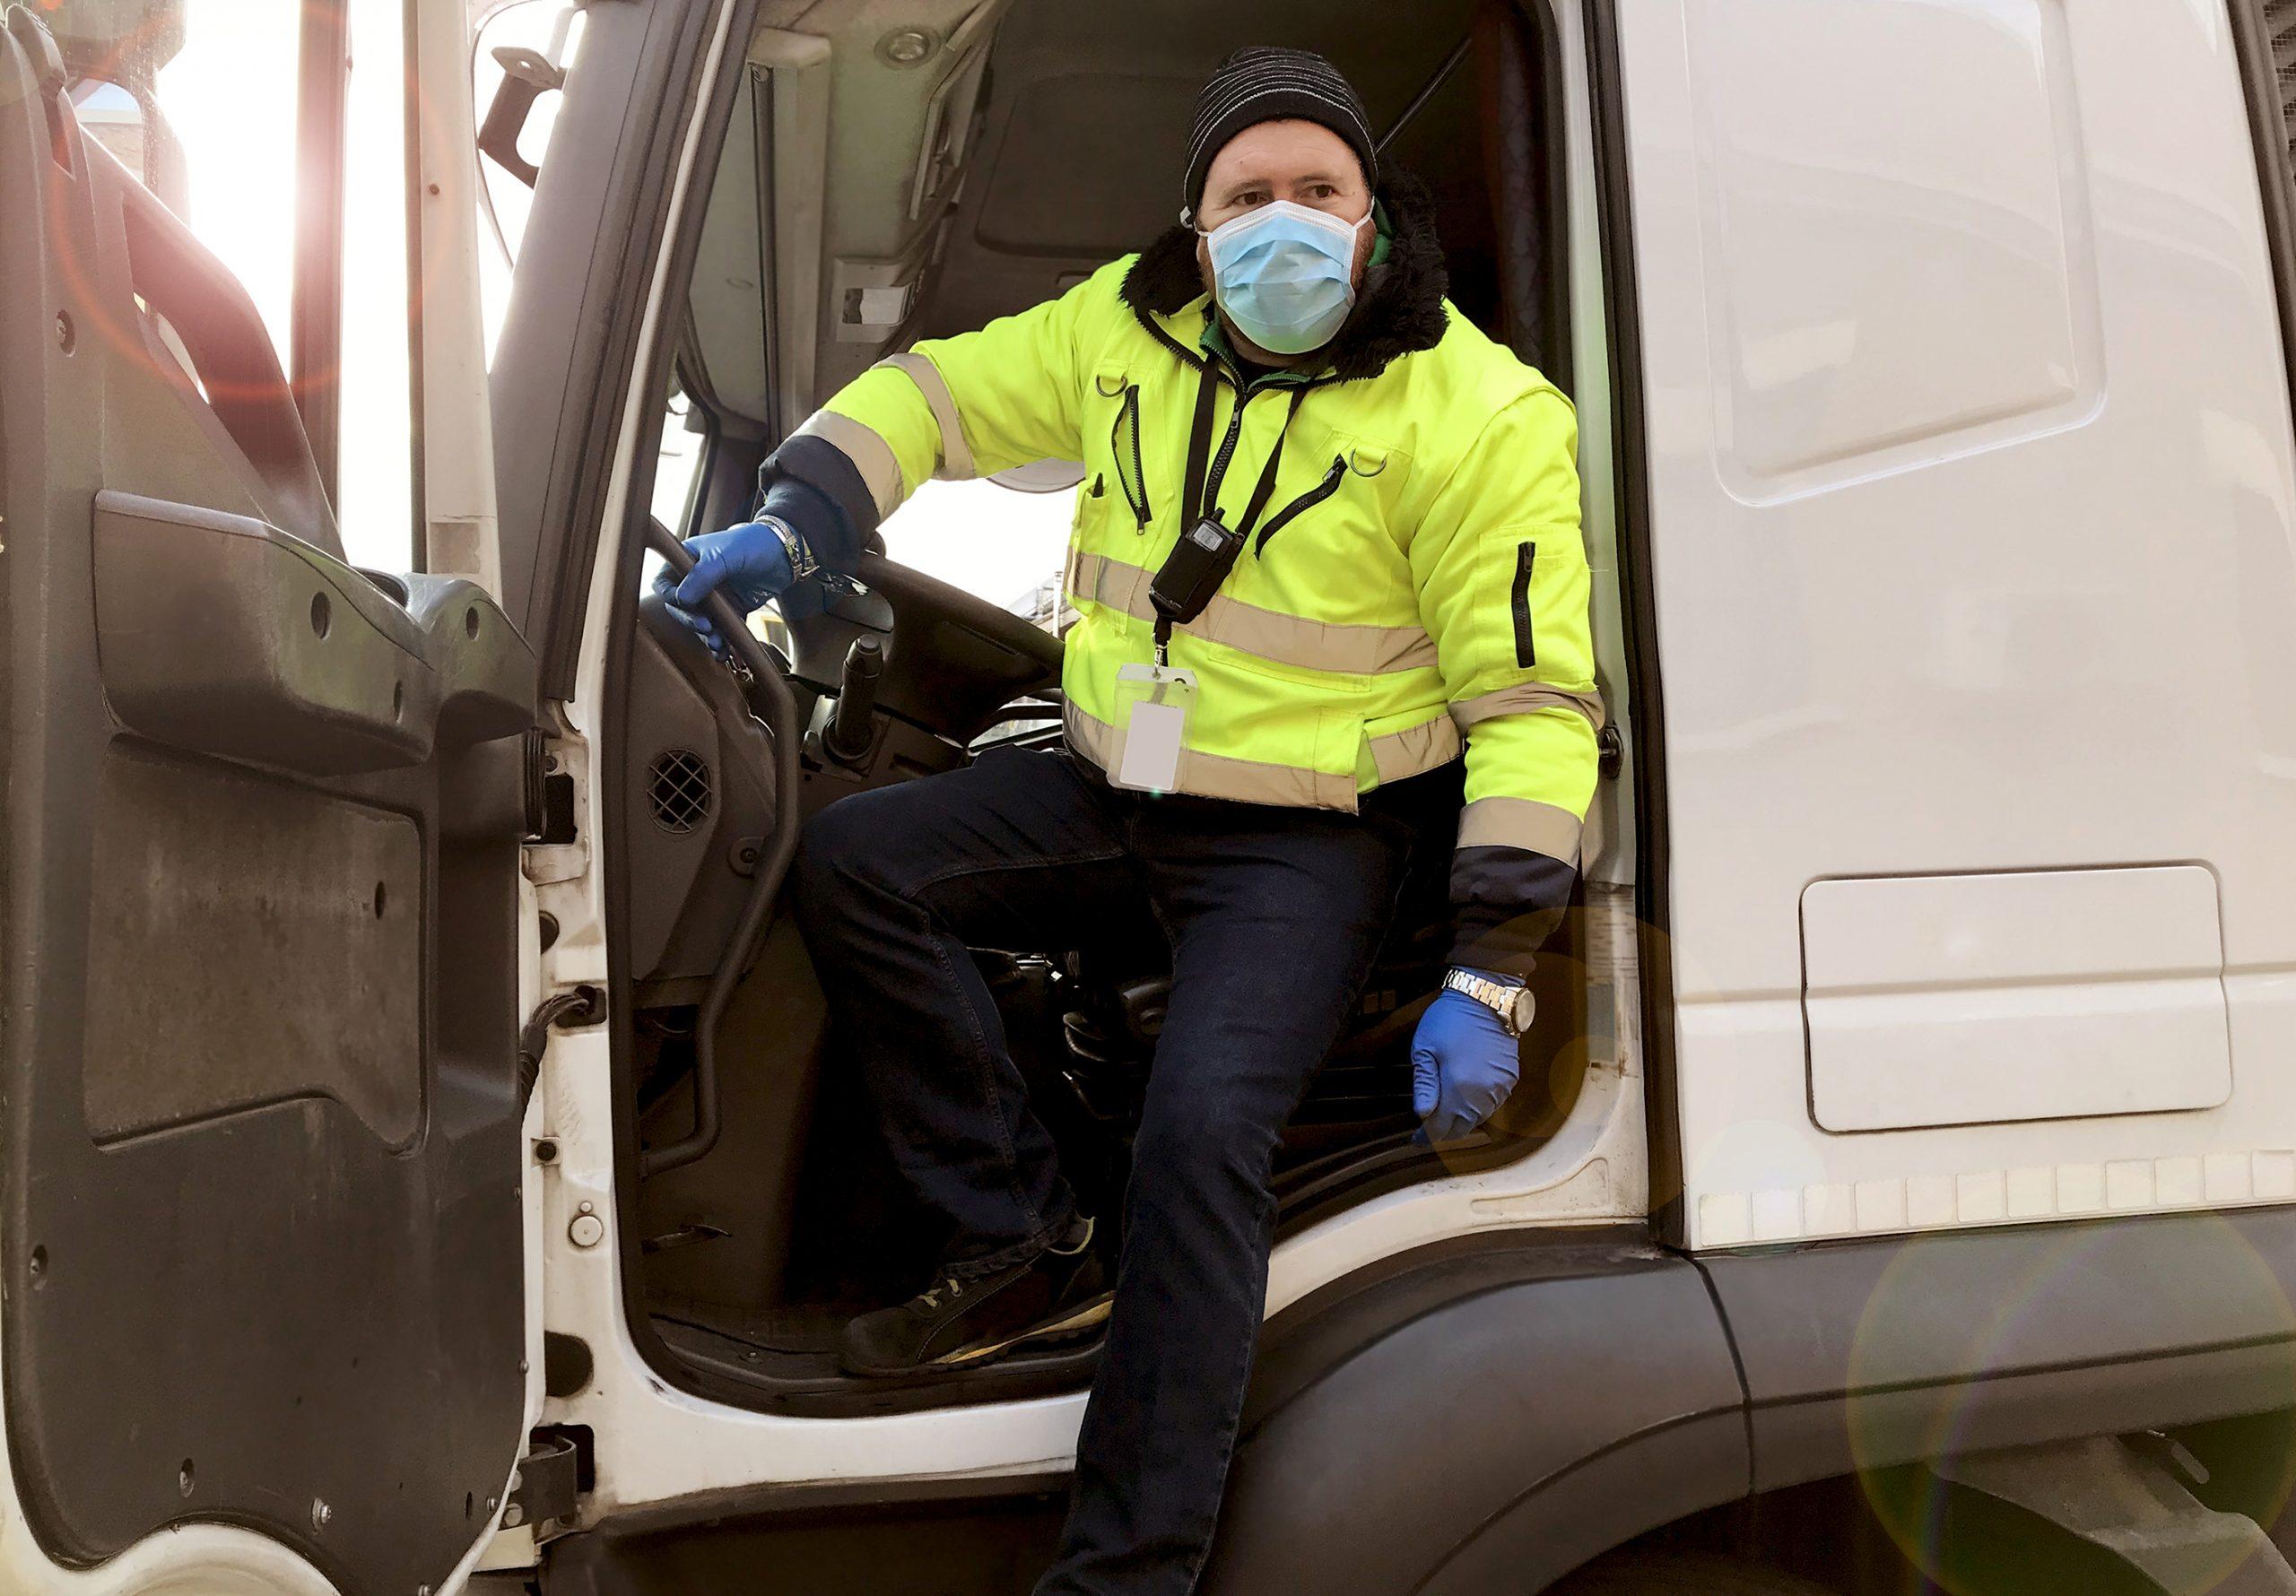 Coronavirus truck driver with mask